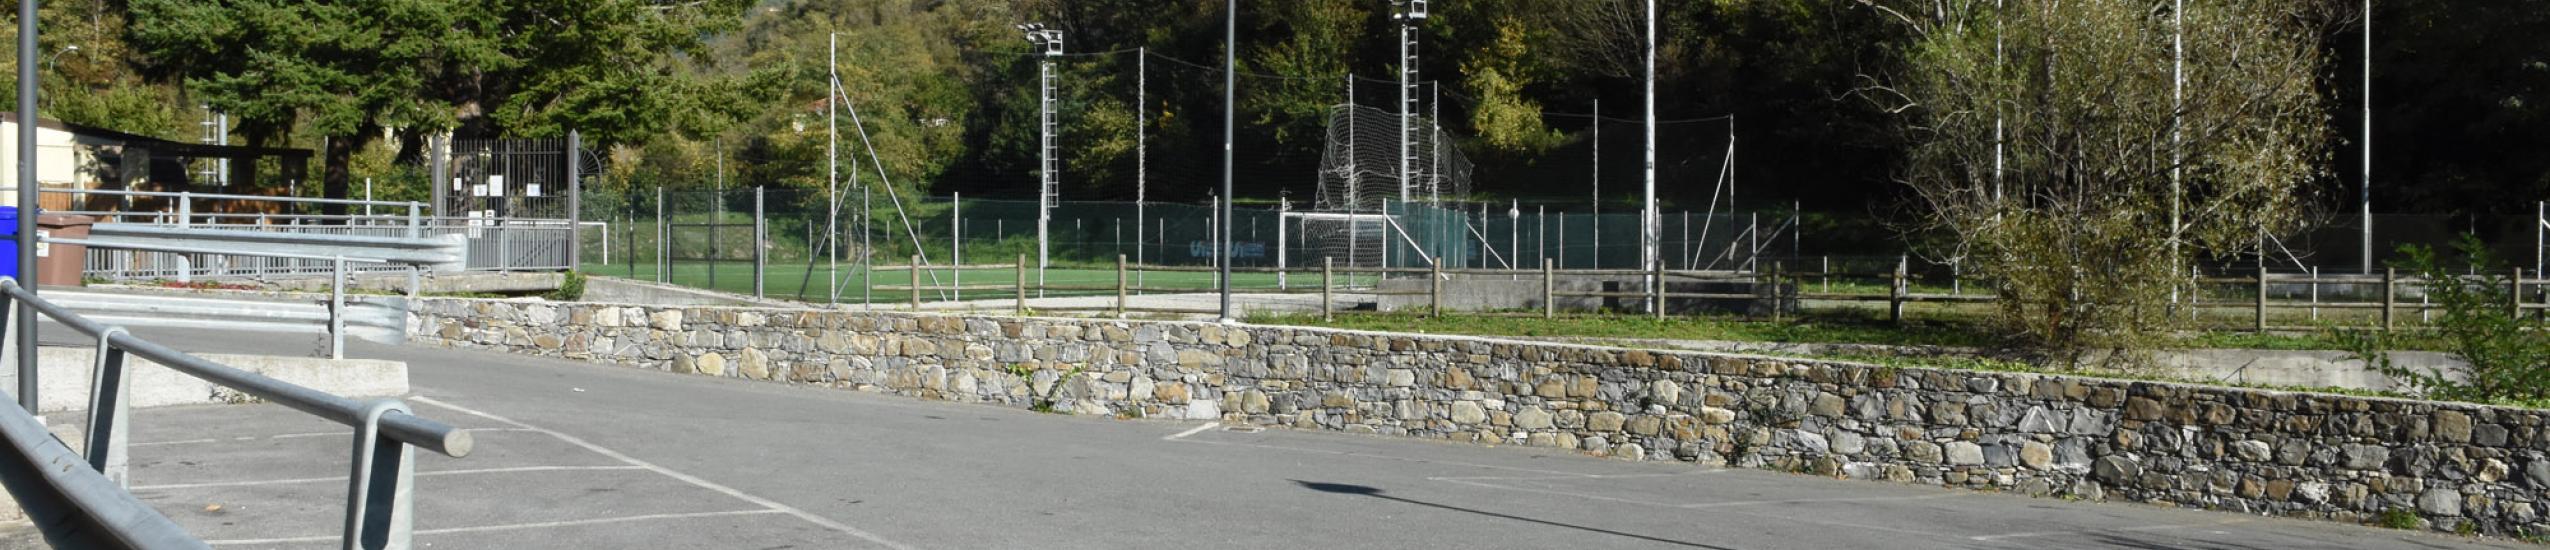 Parcheggio pubblico campo sportivo Conscenti